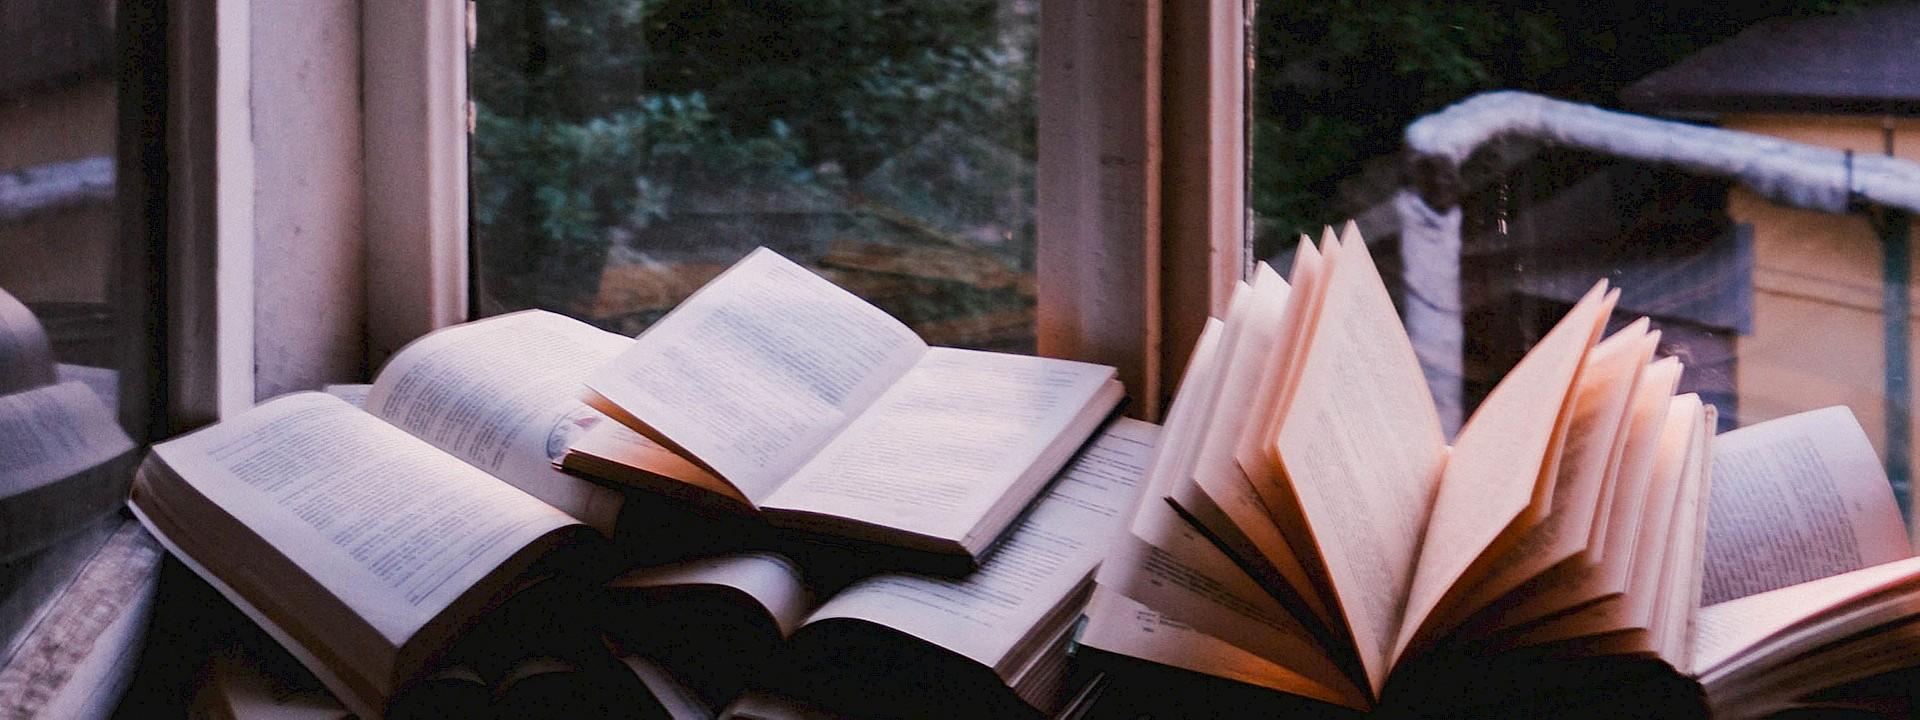 Filme und Bücher